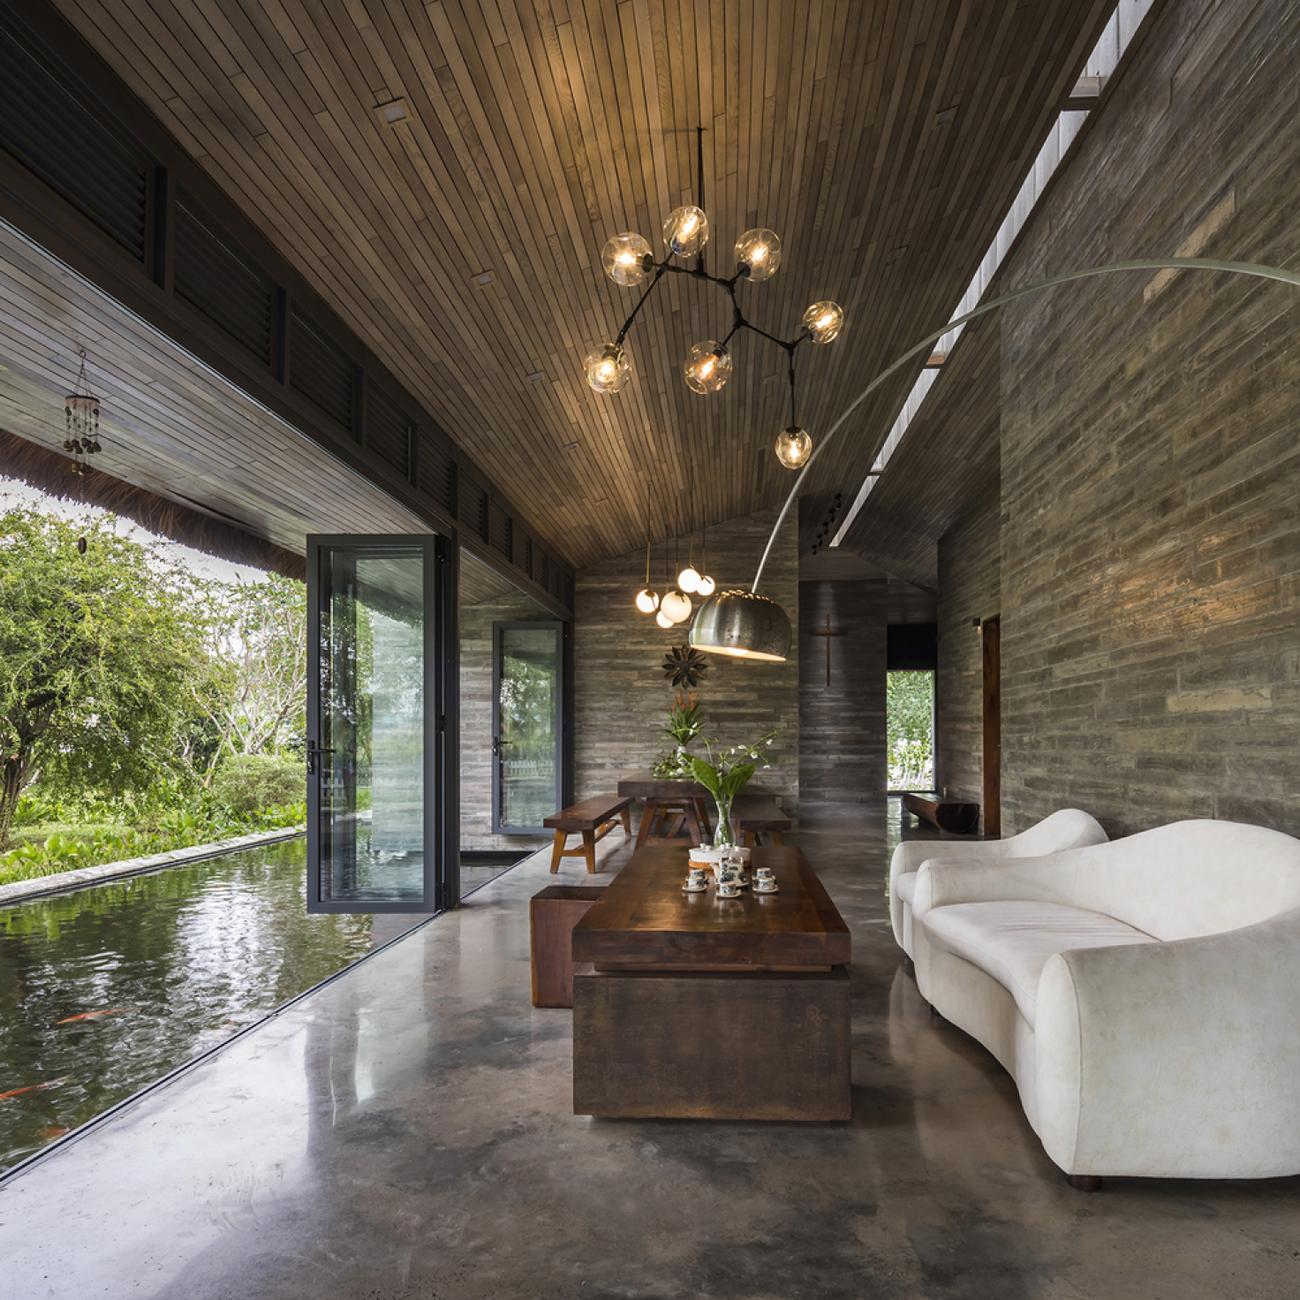 Dự án Nhà vườn tại Long Biên diện tích 3000 m2